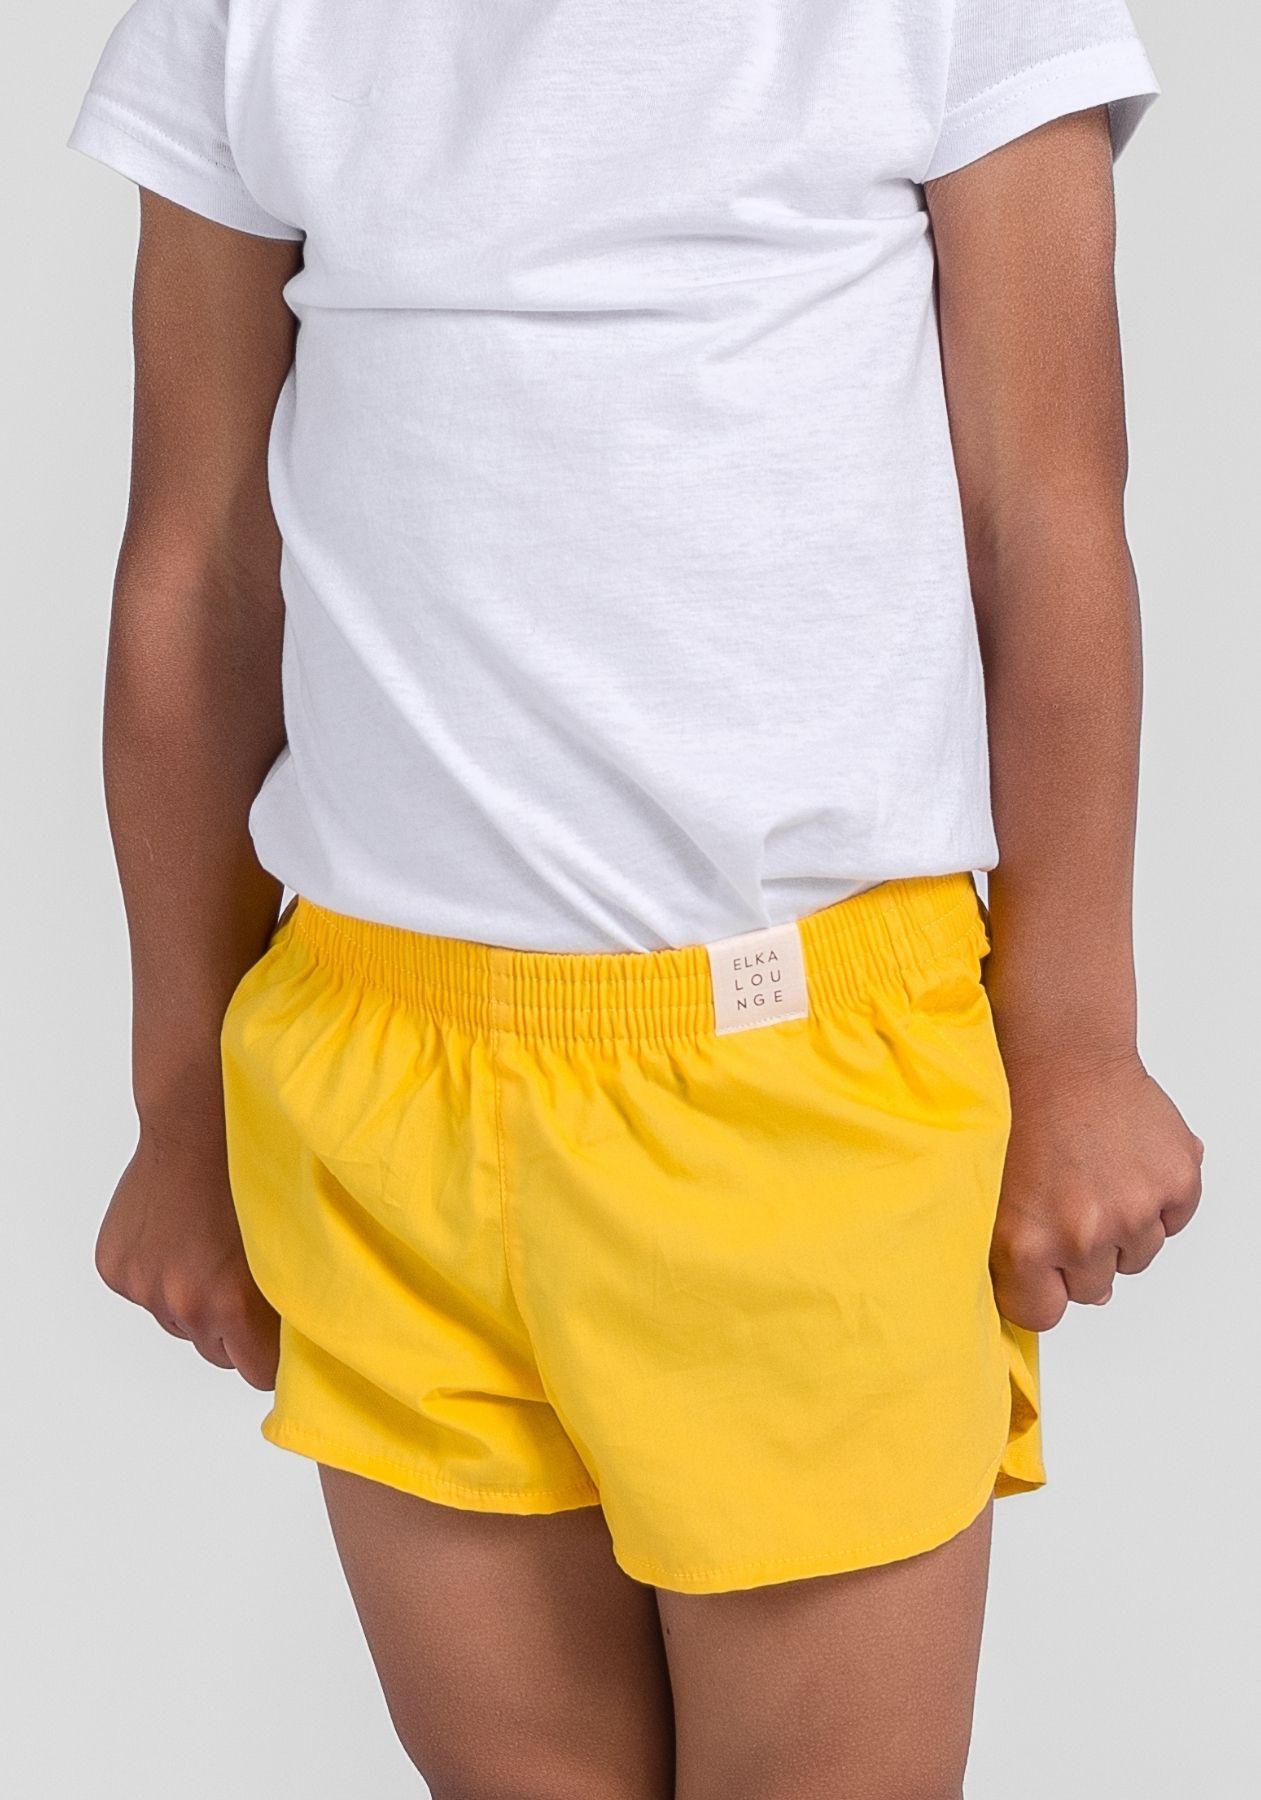 Kids-boxershorts-ELKA-Lounge-K00590-02